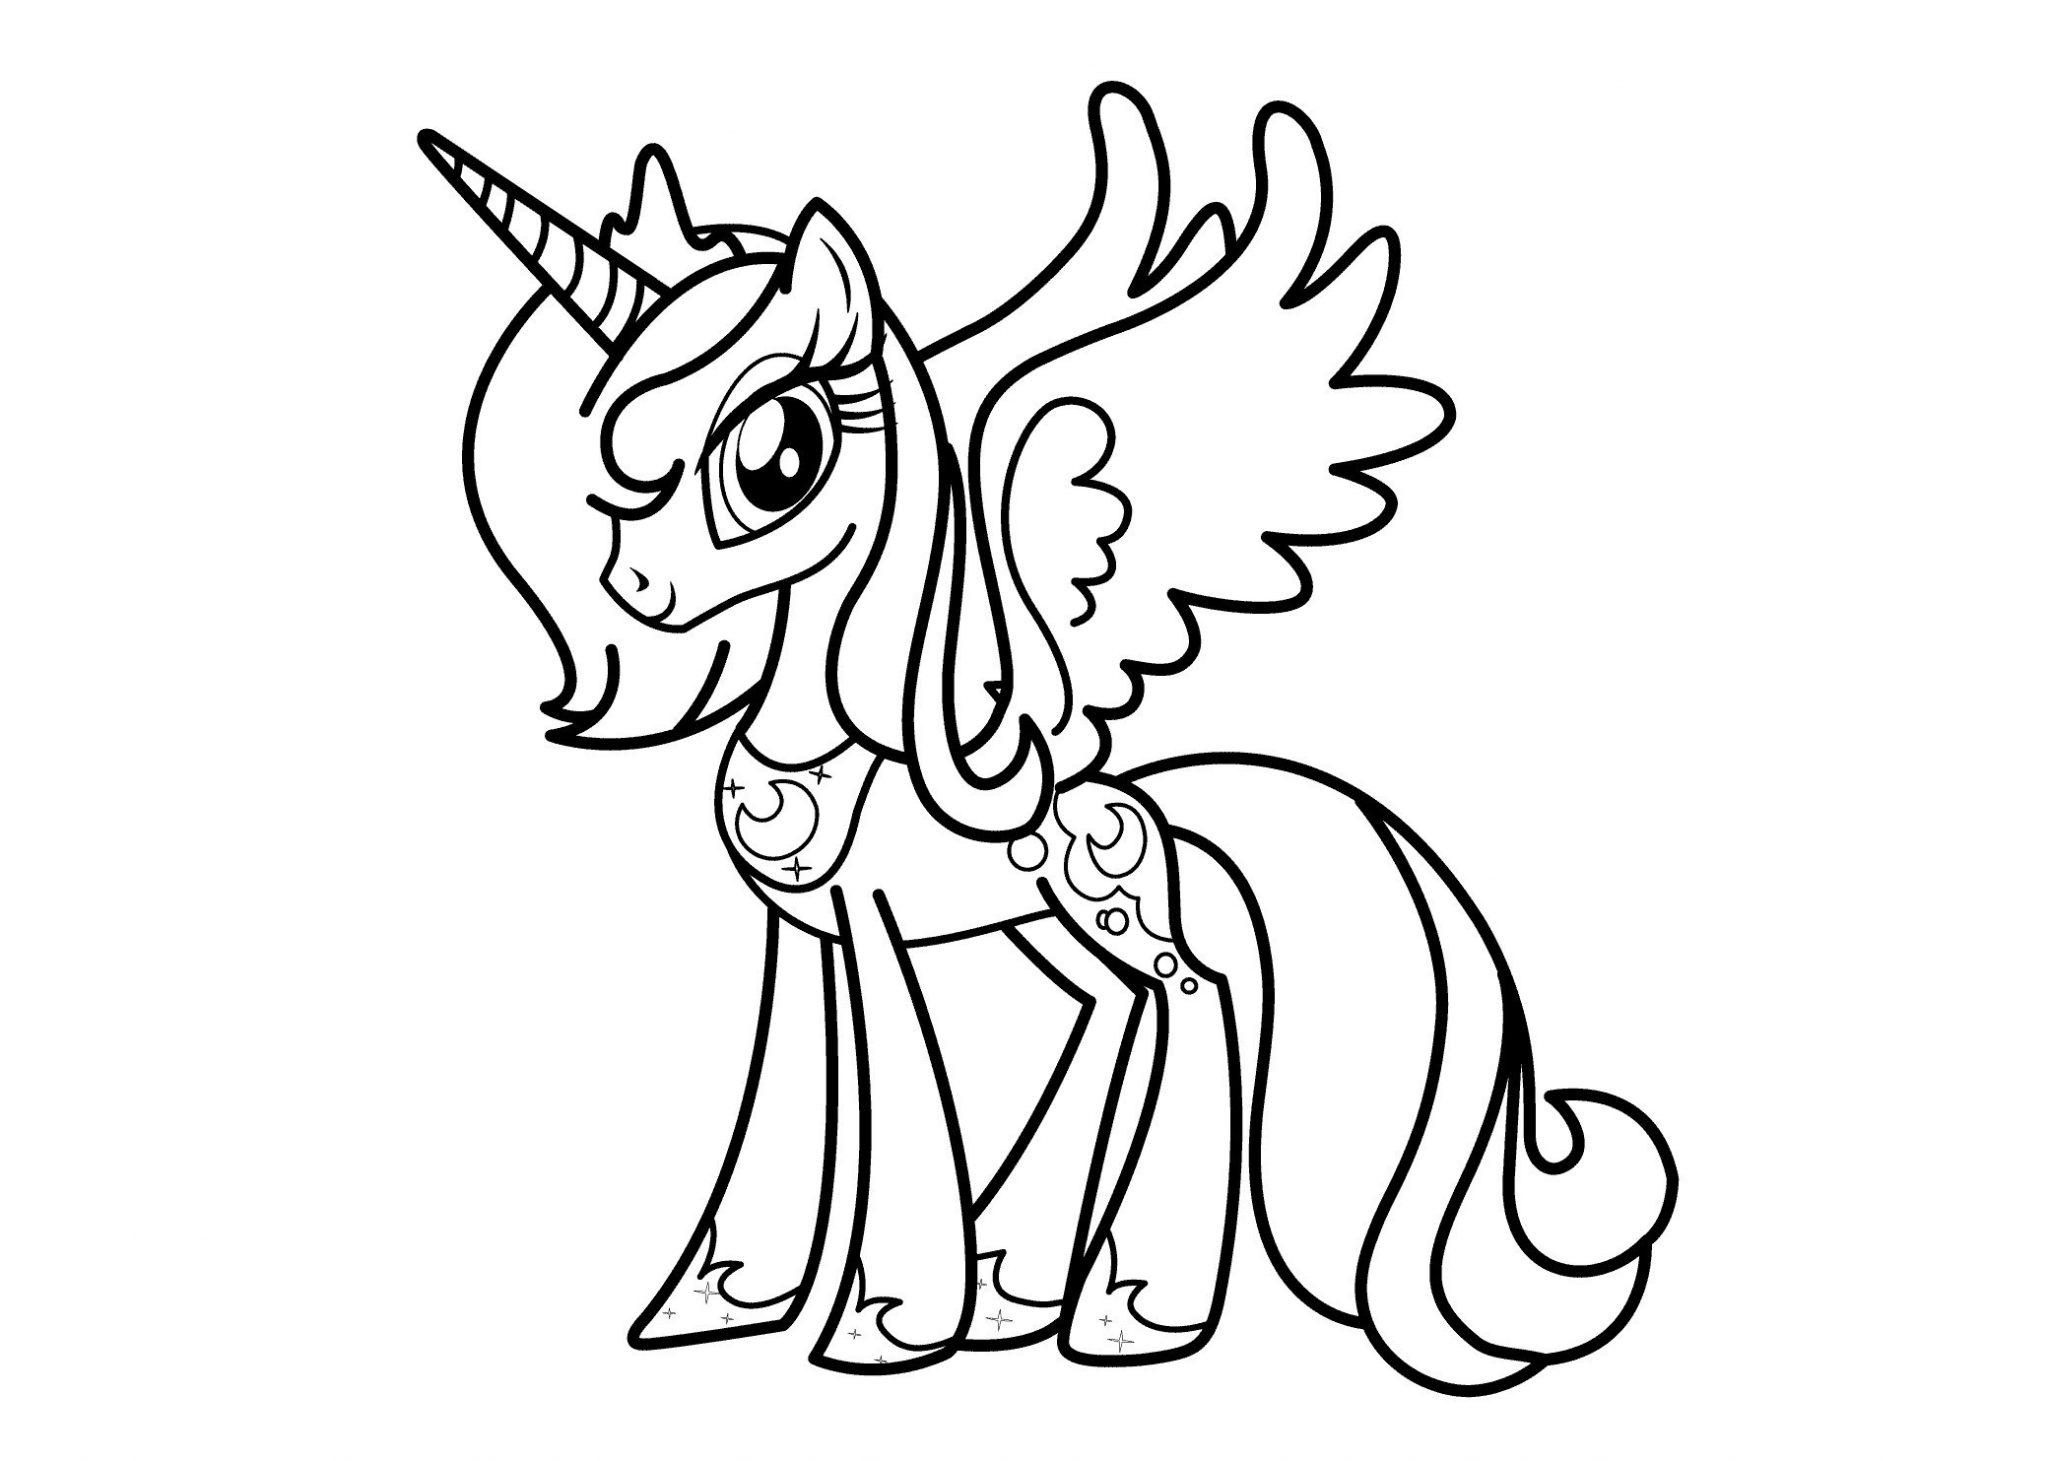 Princess Disegni Da Colorare My Little Pony.Disegni Da Colorare Di My Little Pony Una Mamma Si Racconta